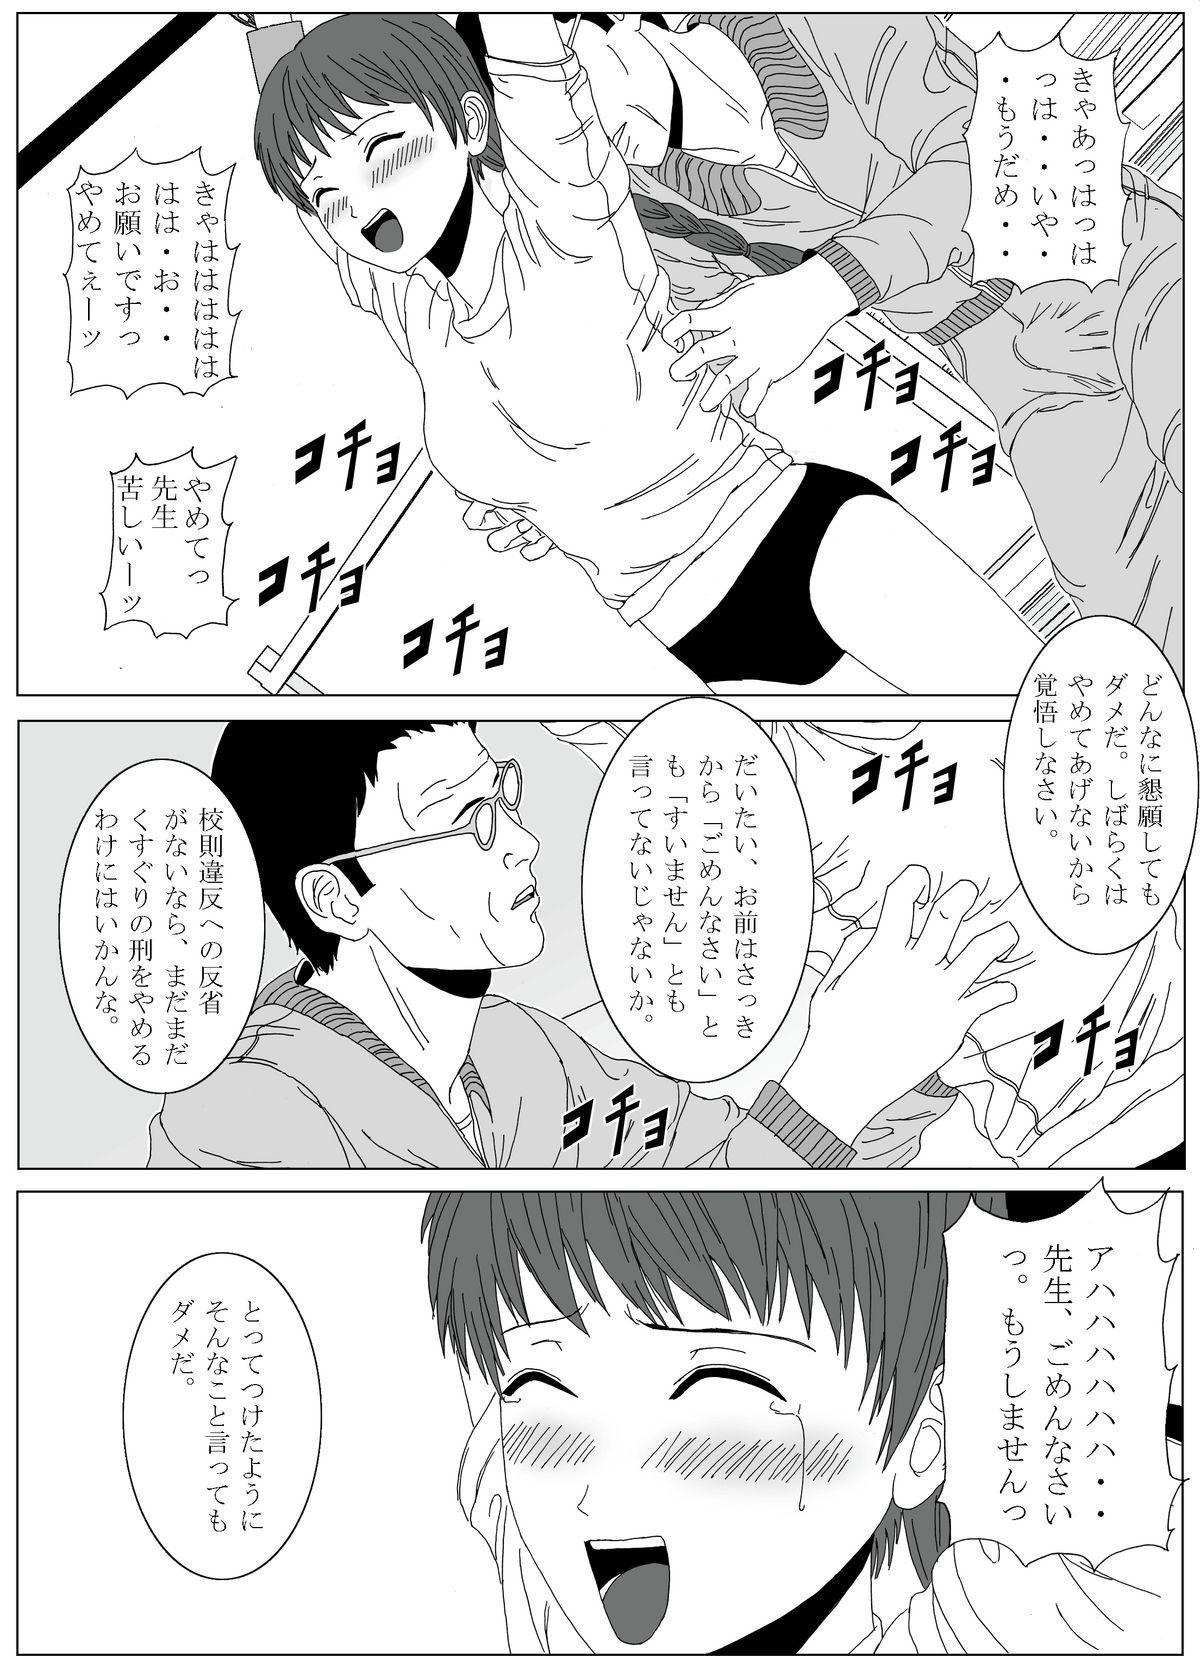 Kusuguri Maid / Imouto Kusuguri Sonota 36